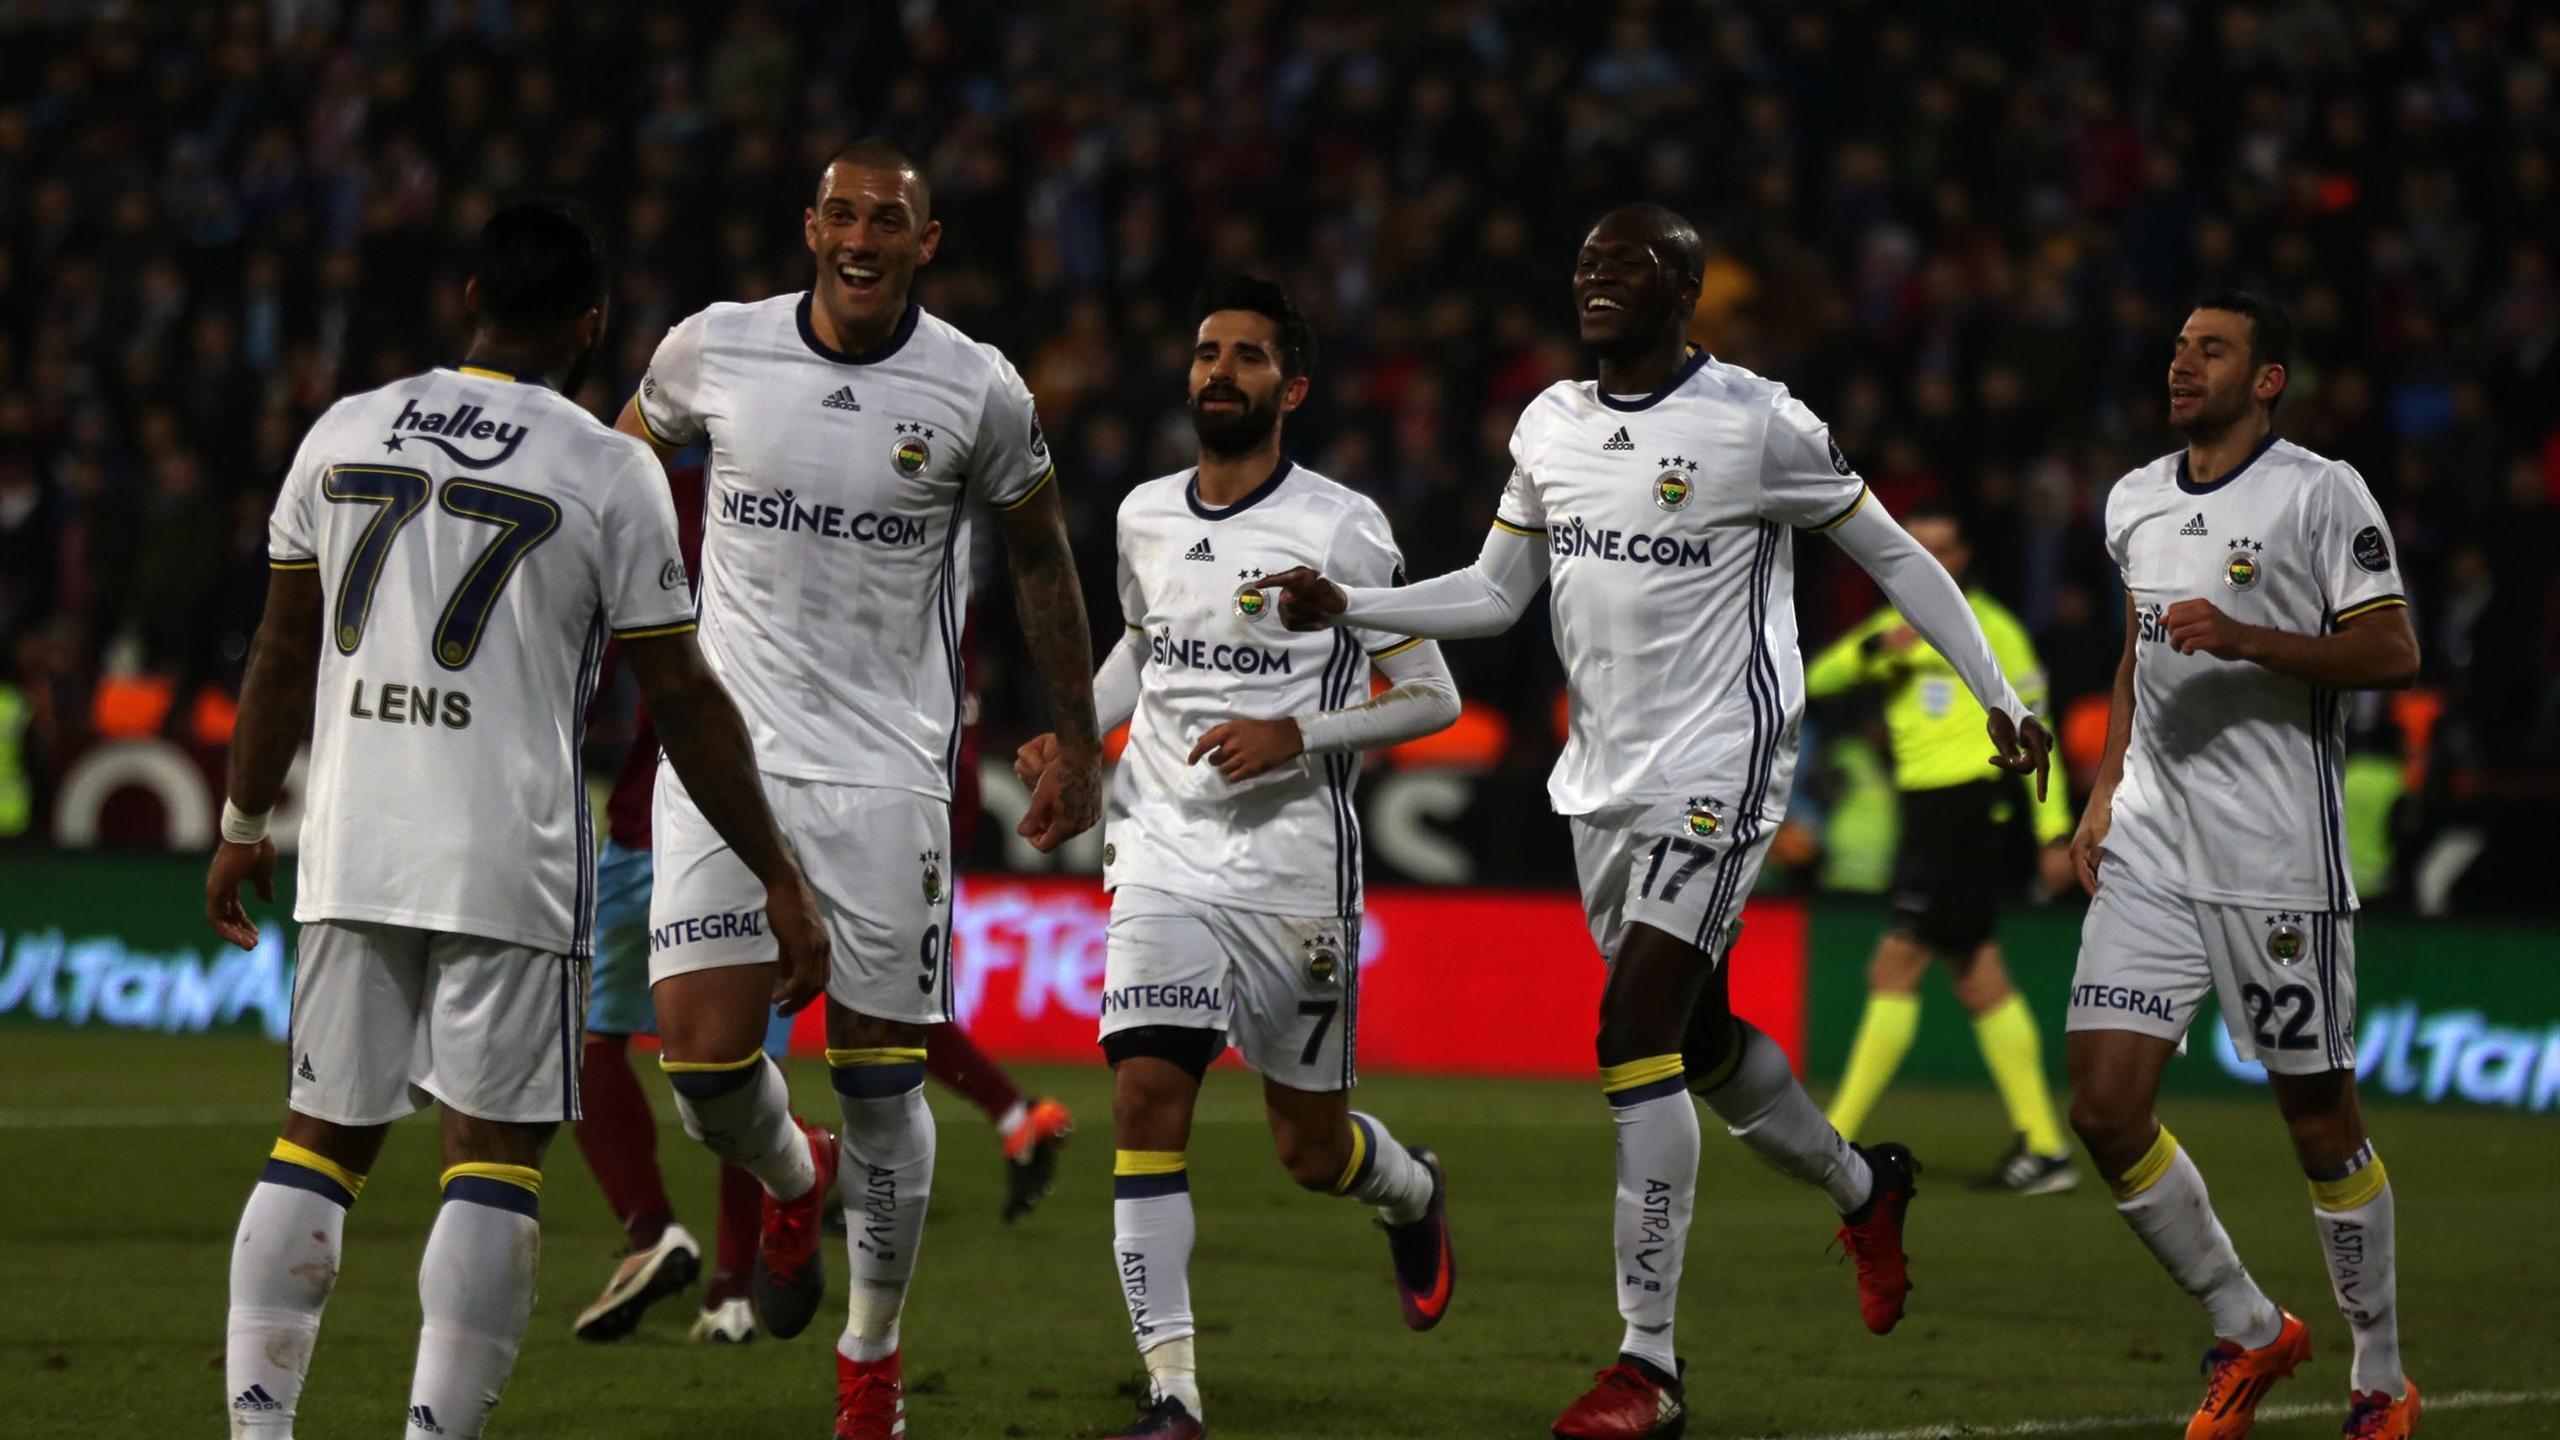 Trabzonspor - Fenerbahçe (Moussa Sow - Jeremain Lens)